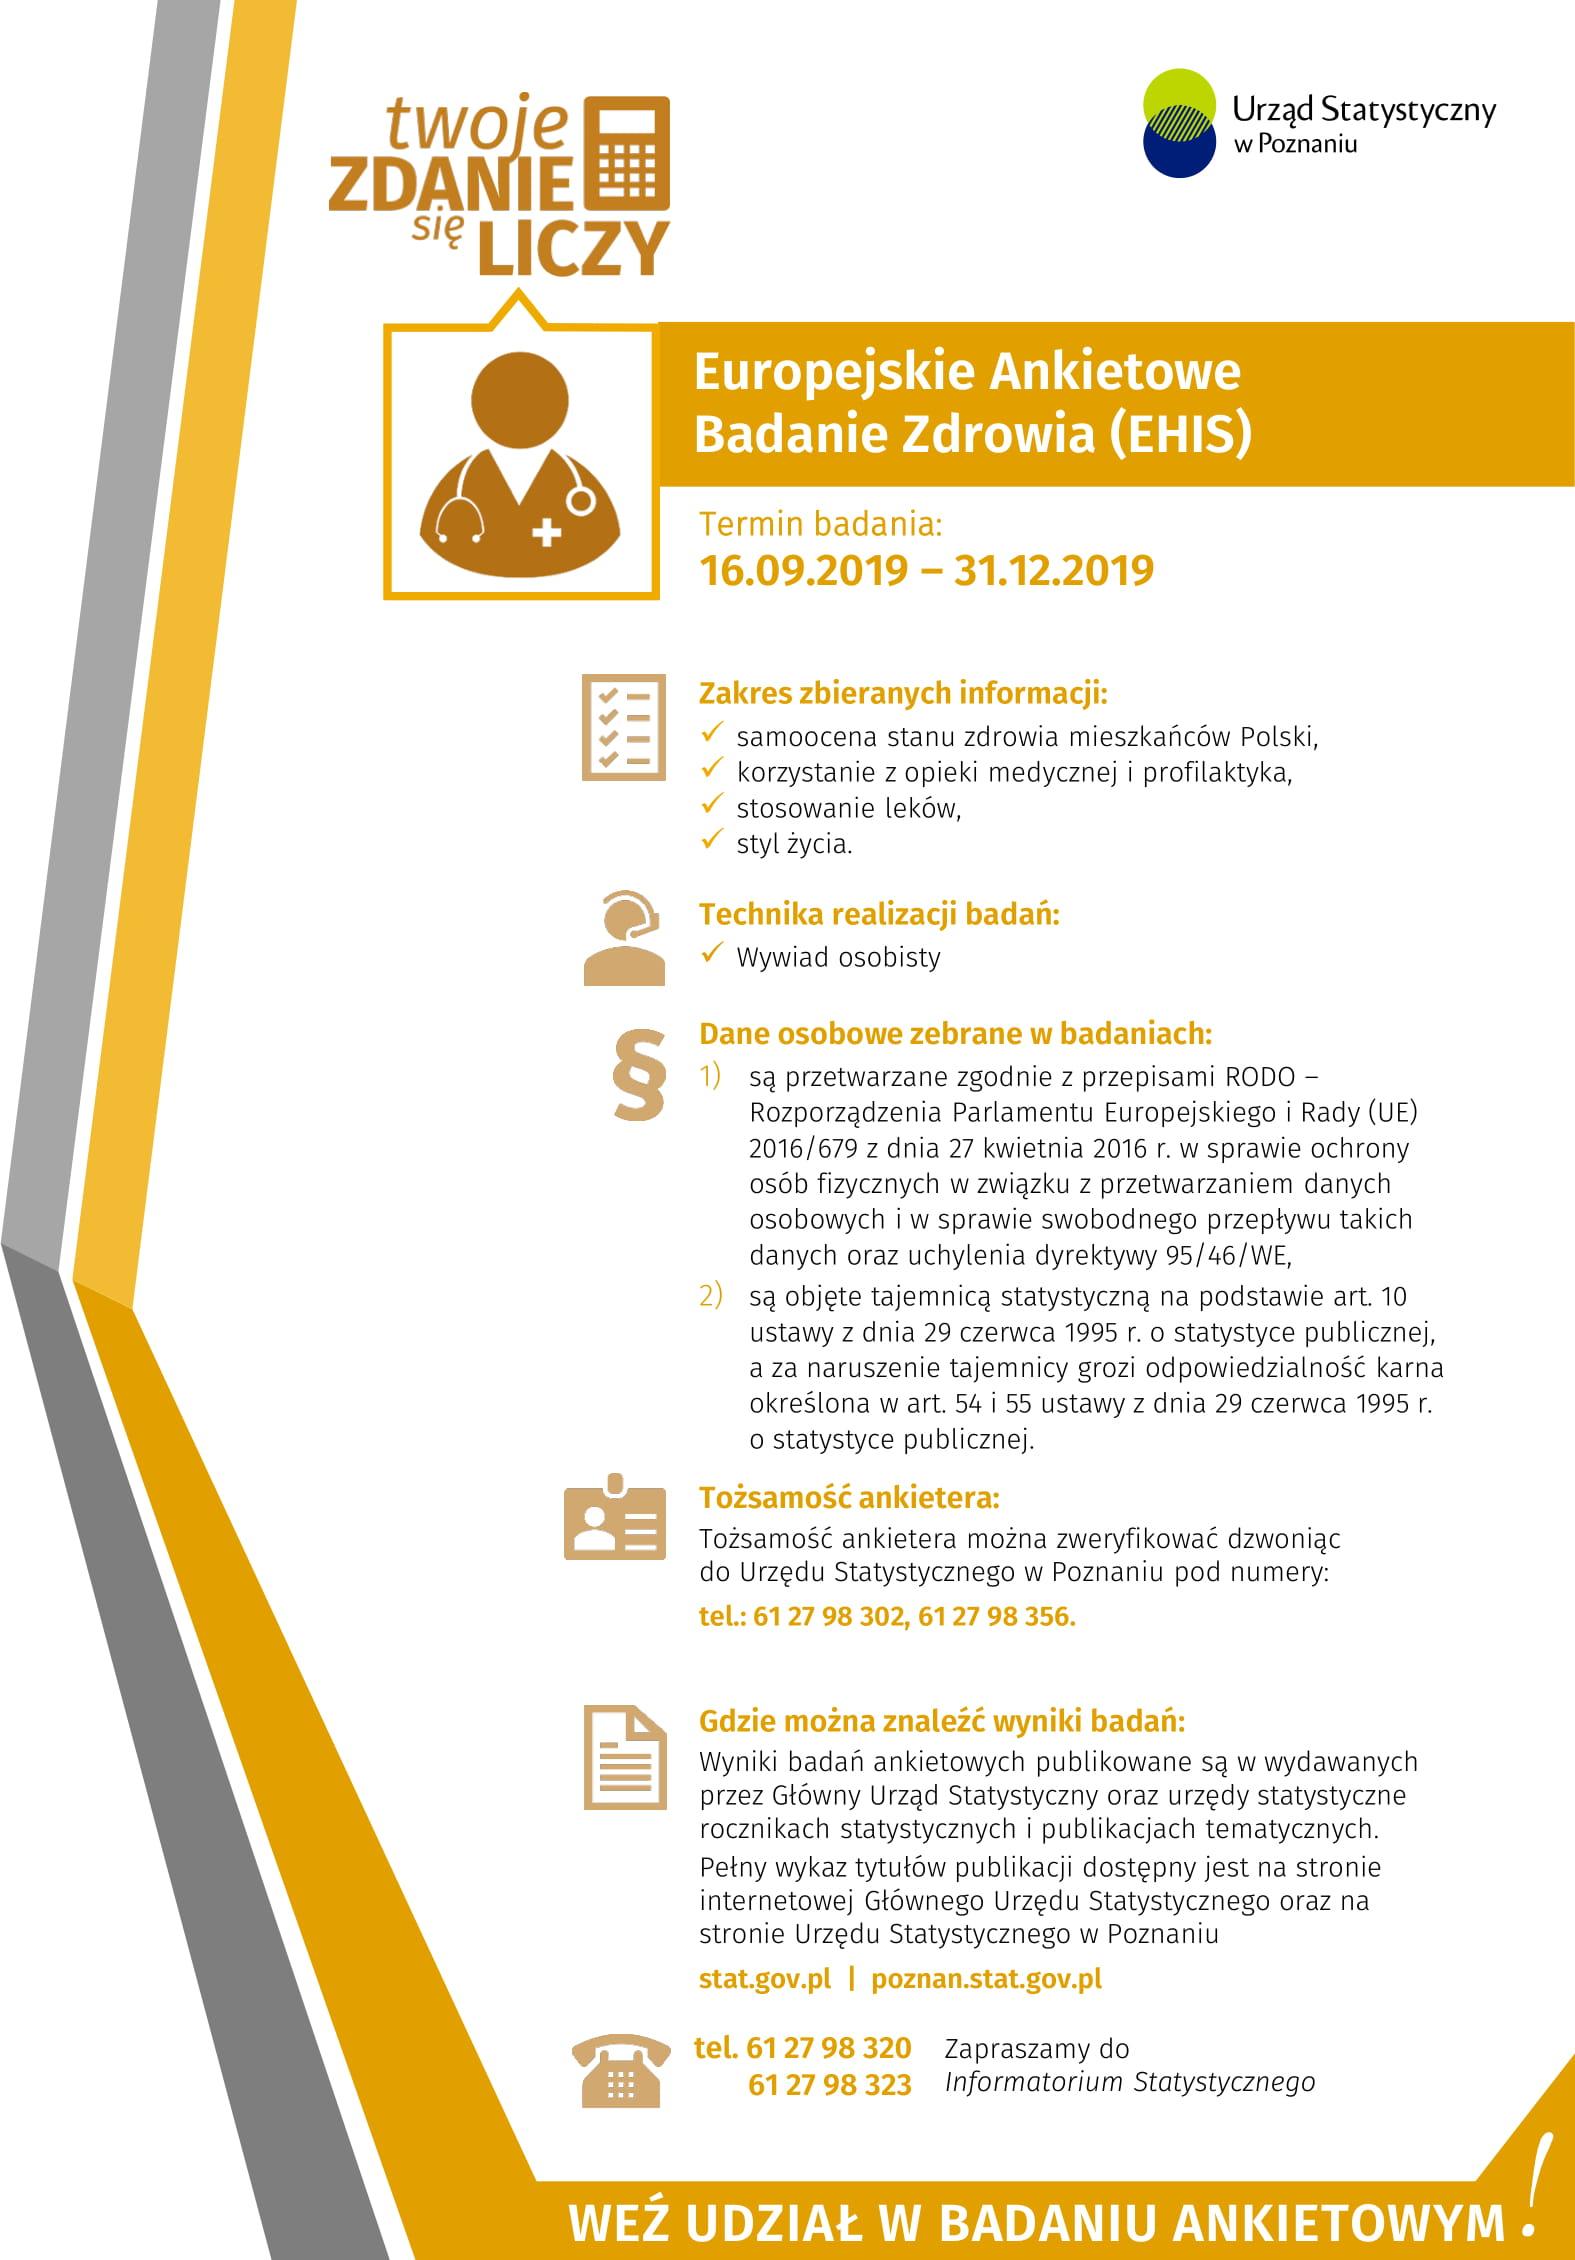 Europejskie Ankietowe Badanie Zdrowia (EHIS)